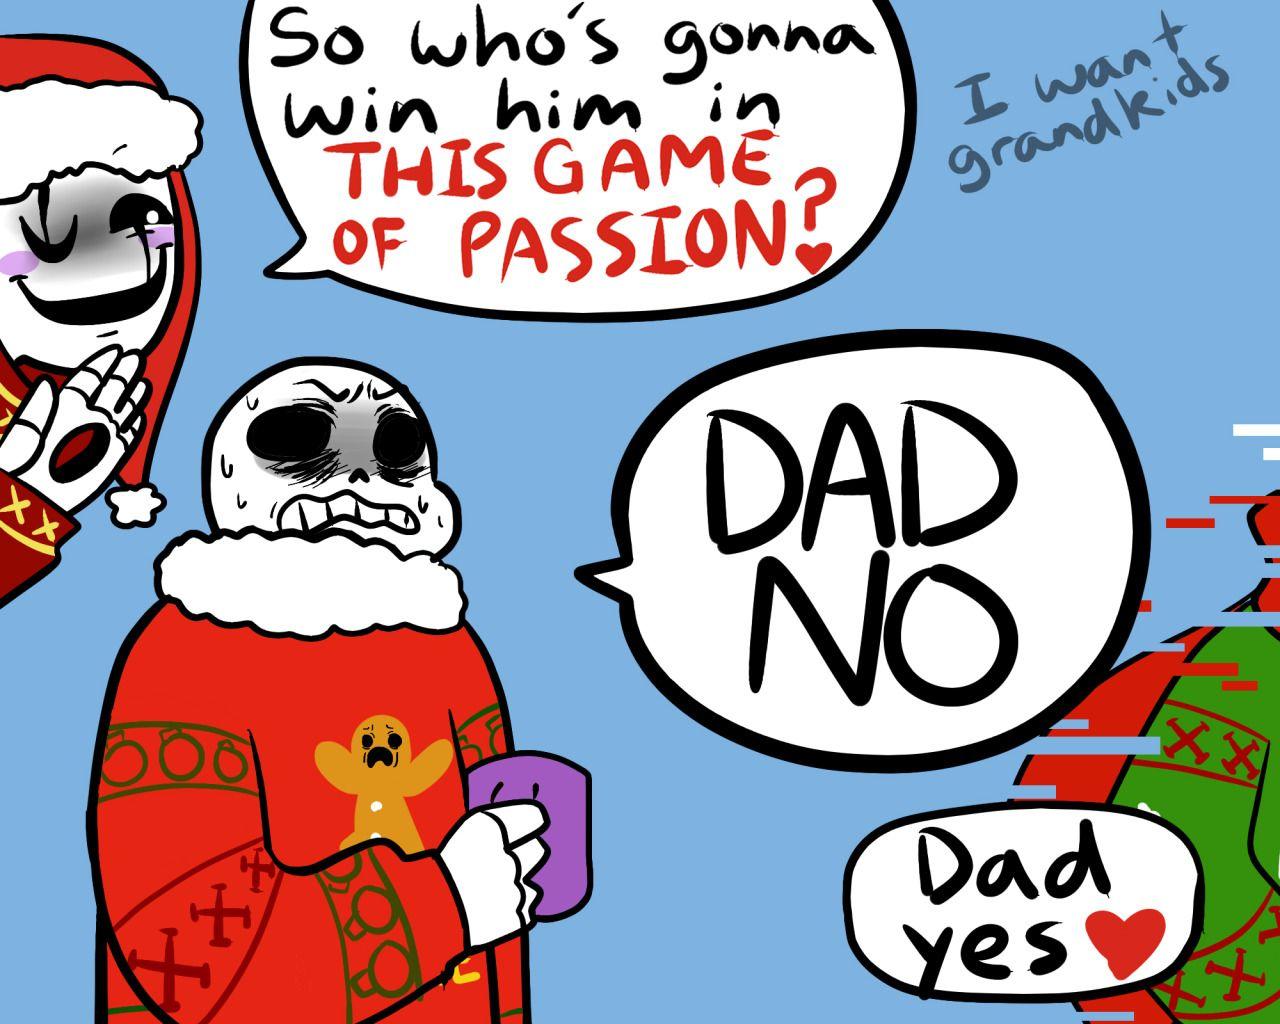 Christmas Party Au Comic.The Chris T Mas Party Au Undertale Undertale Comic